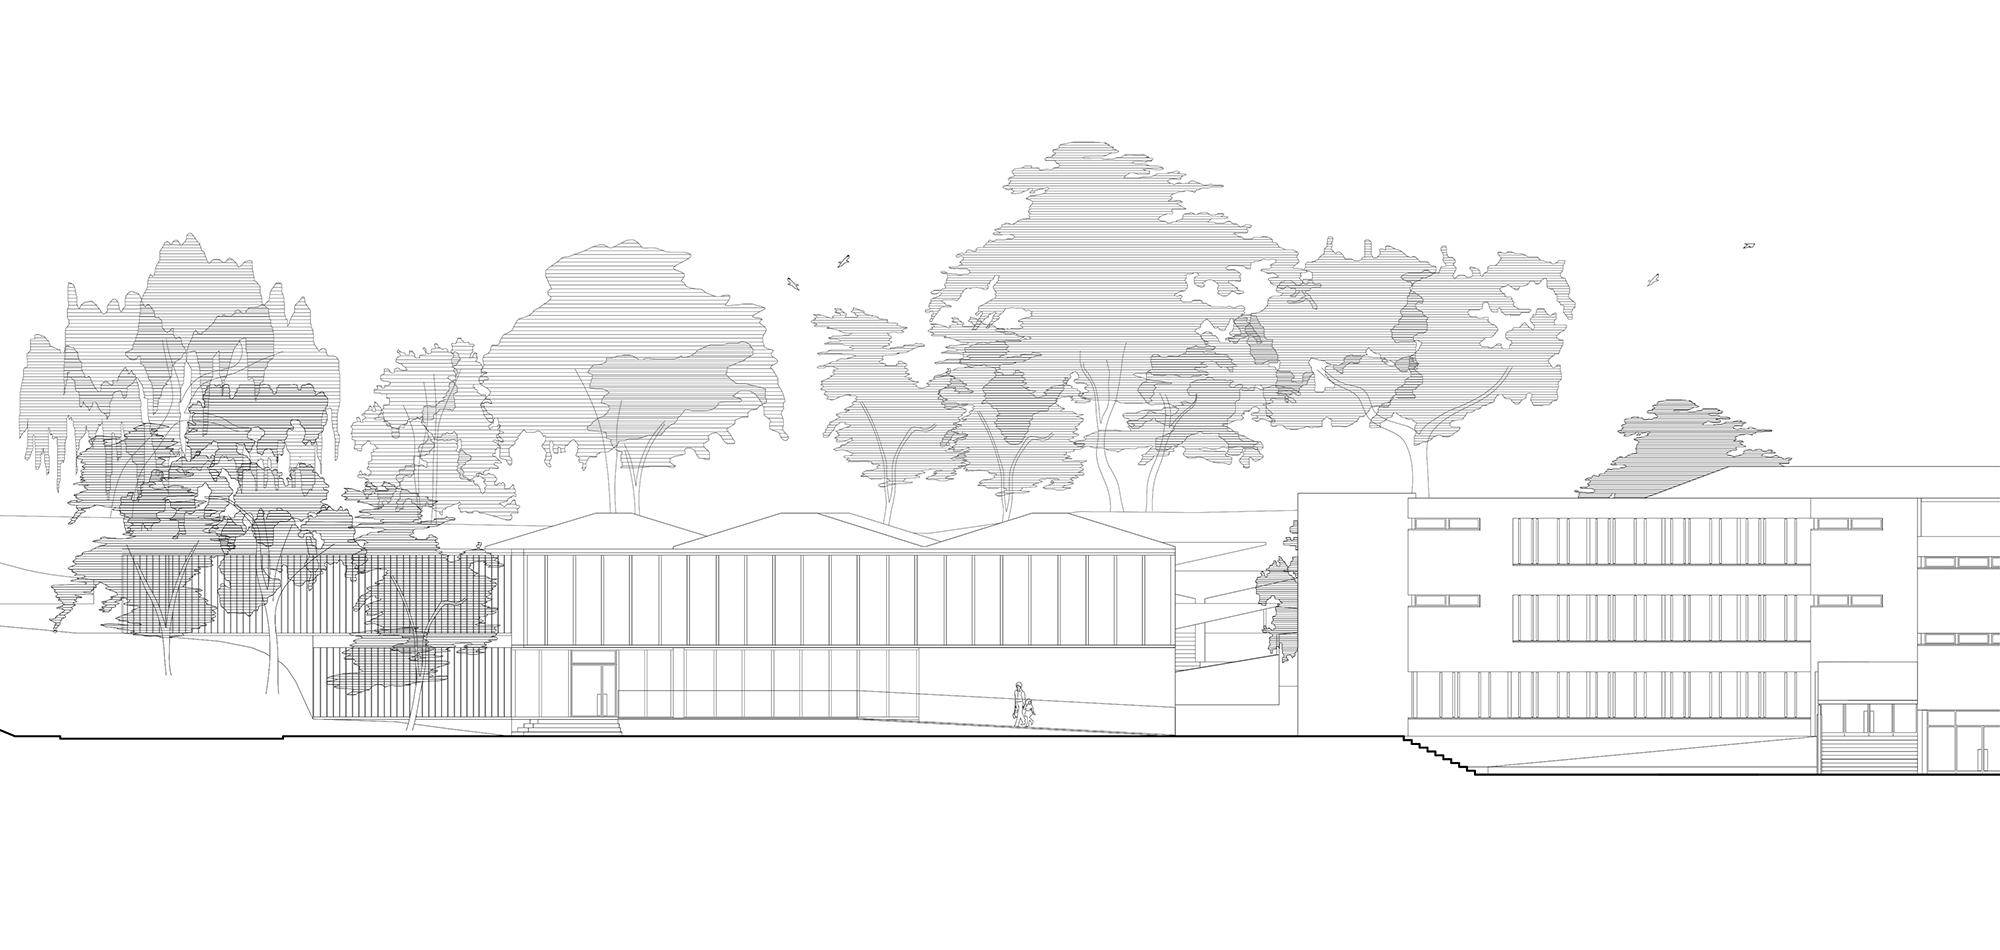 Architektur_offizin-a_gatto.weber.architekten_Projekte_Kultur_Heitera_02.jpg